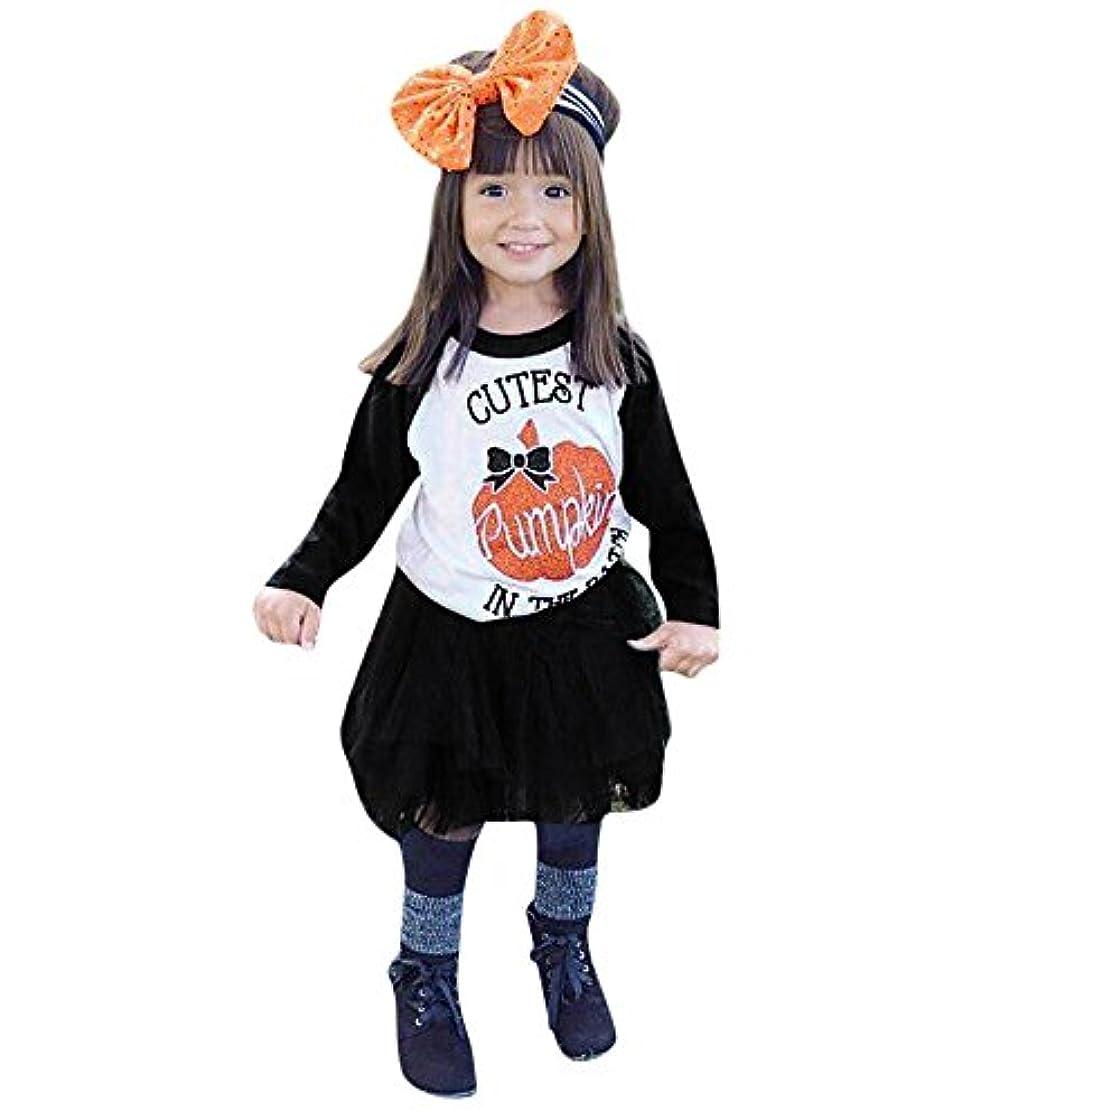 暖かさ最愛の項目(プタス) Putars 幼児の女の子2PCSカボチャのトップス+トゥトゥスカートハロウィーンの装飾の服 12ヶ月 - 4歳